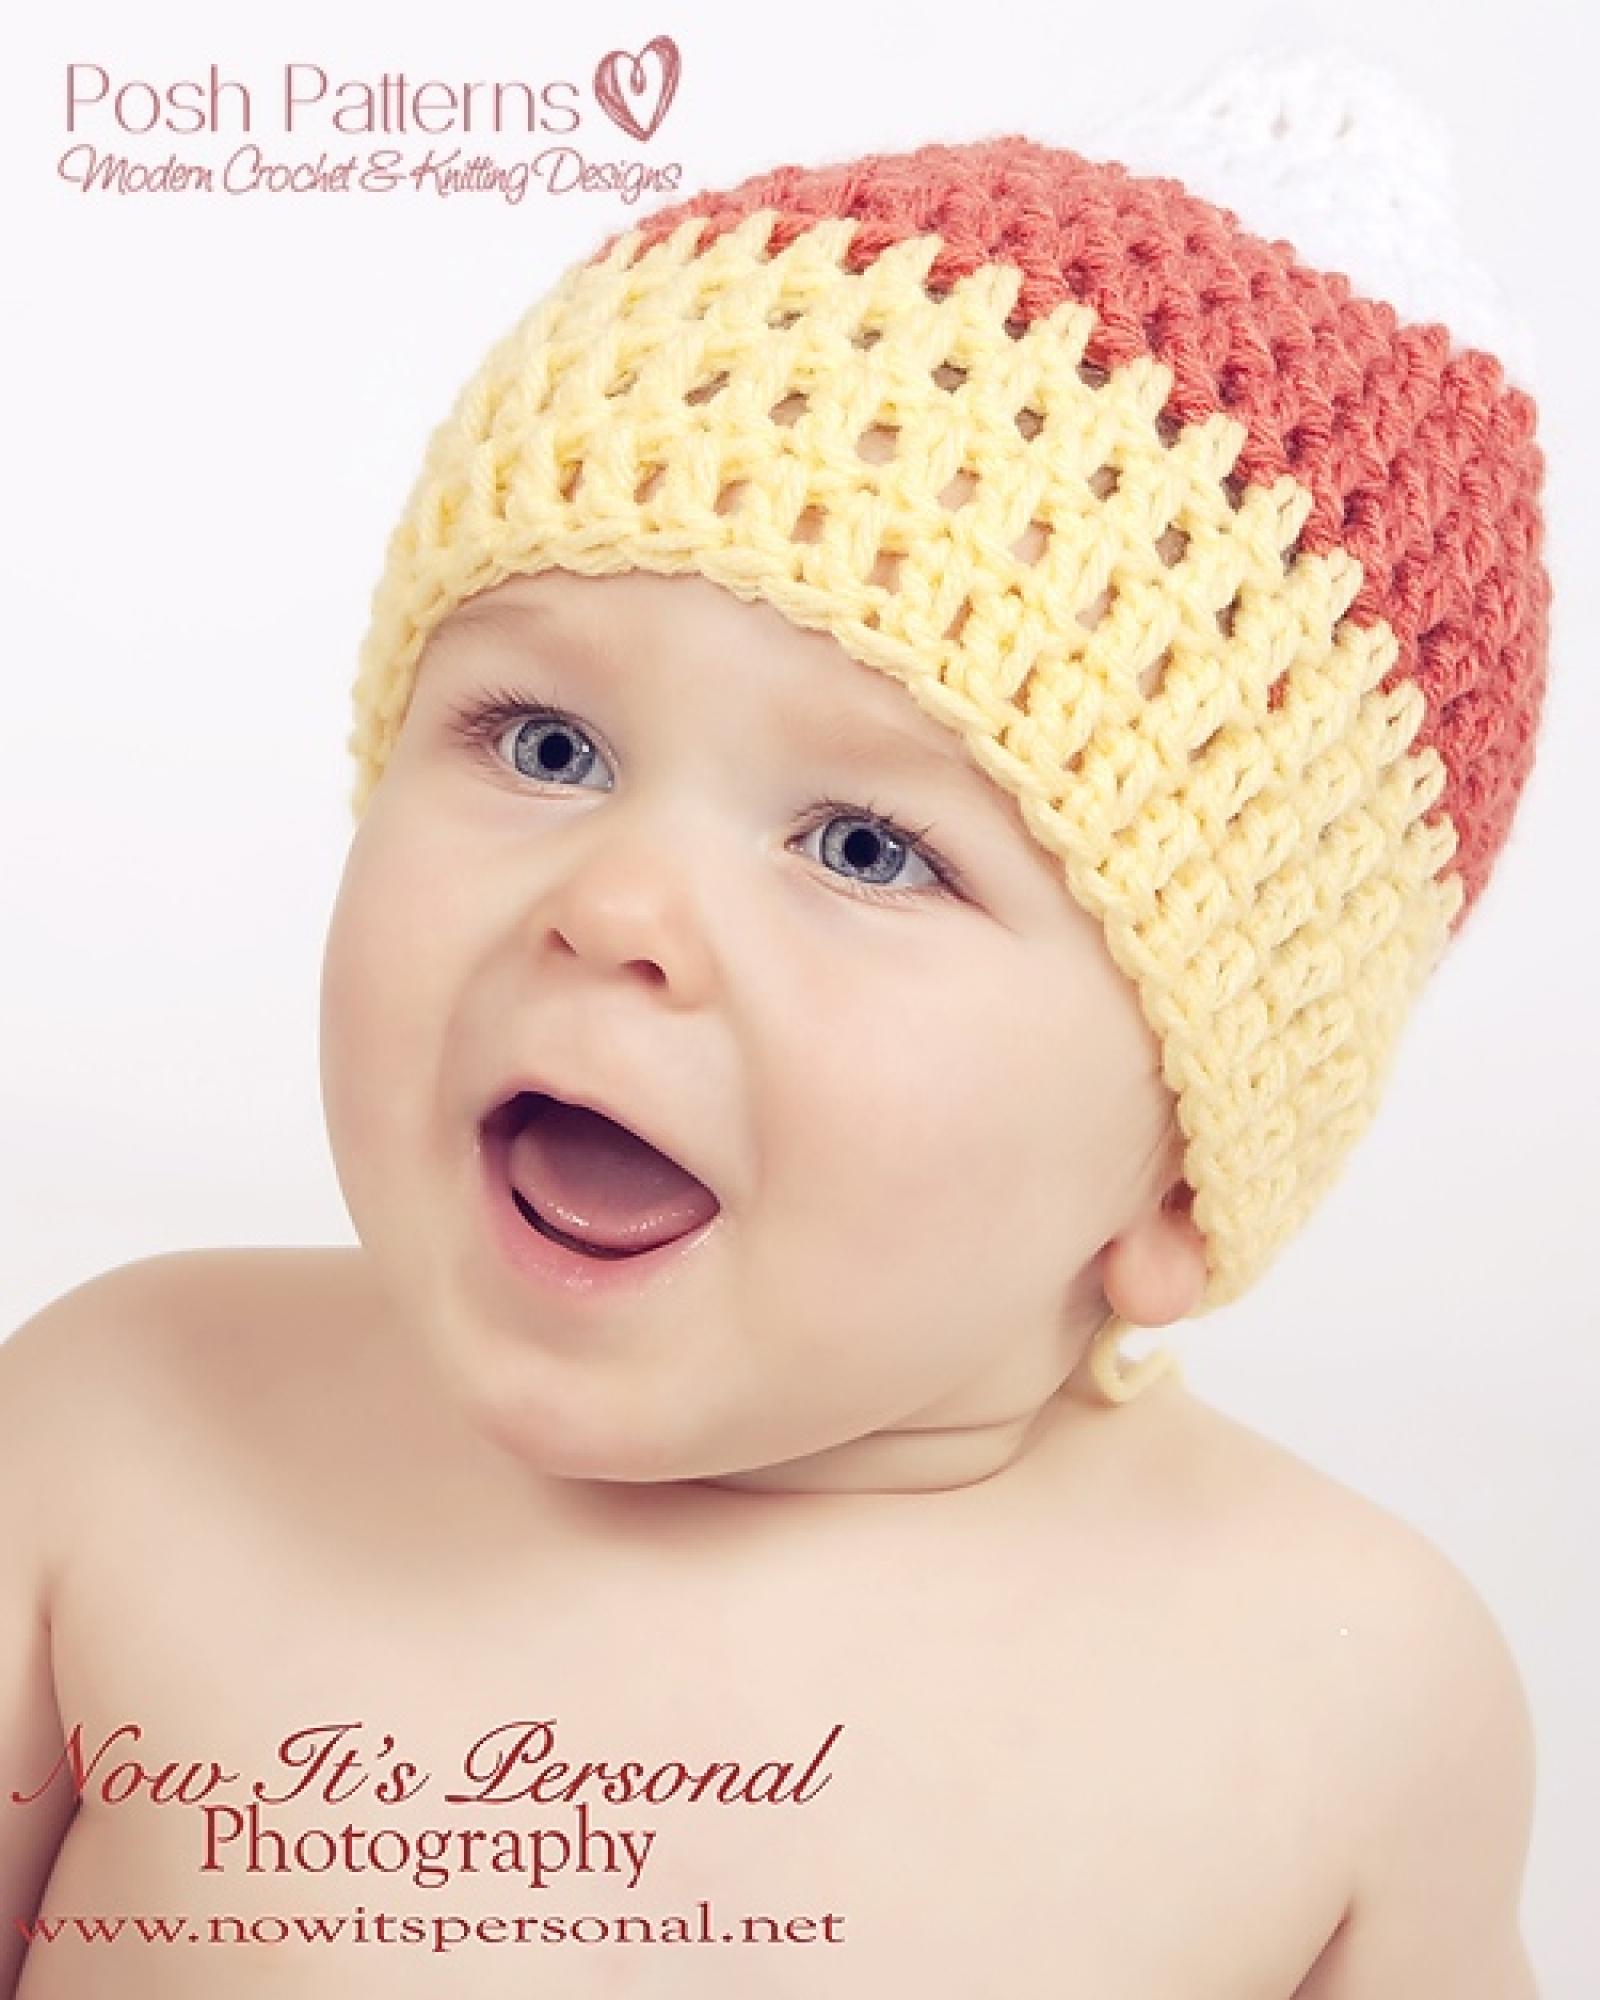 Candy corn baby hat crochet pattern 3 sizes bankloansurffo Gallery